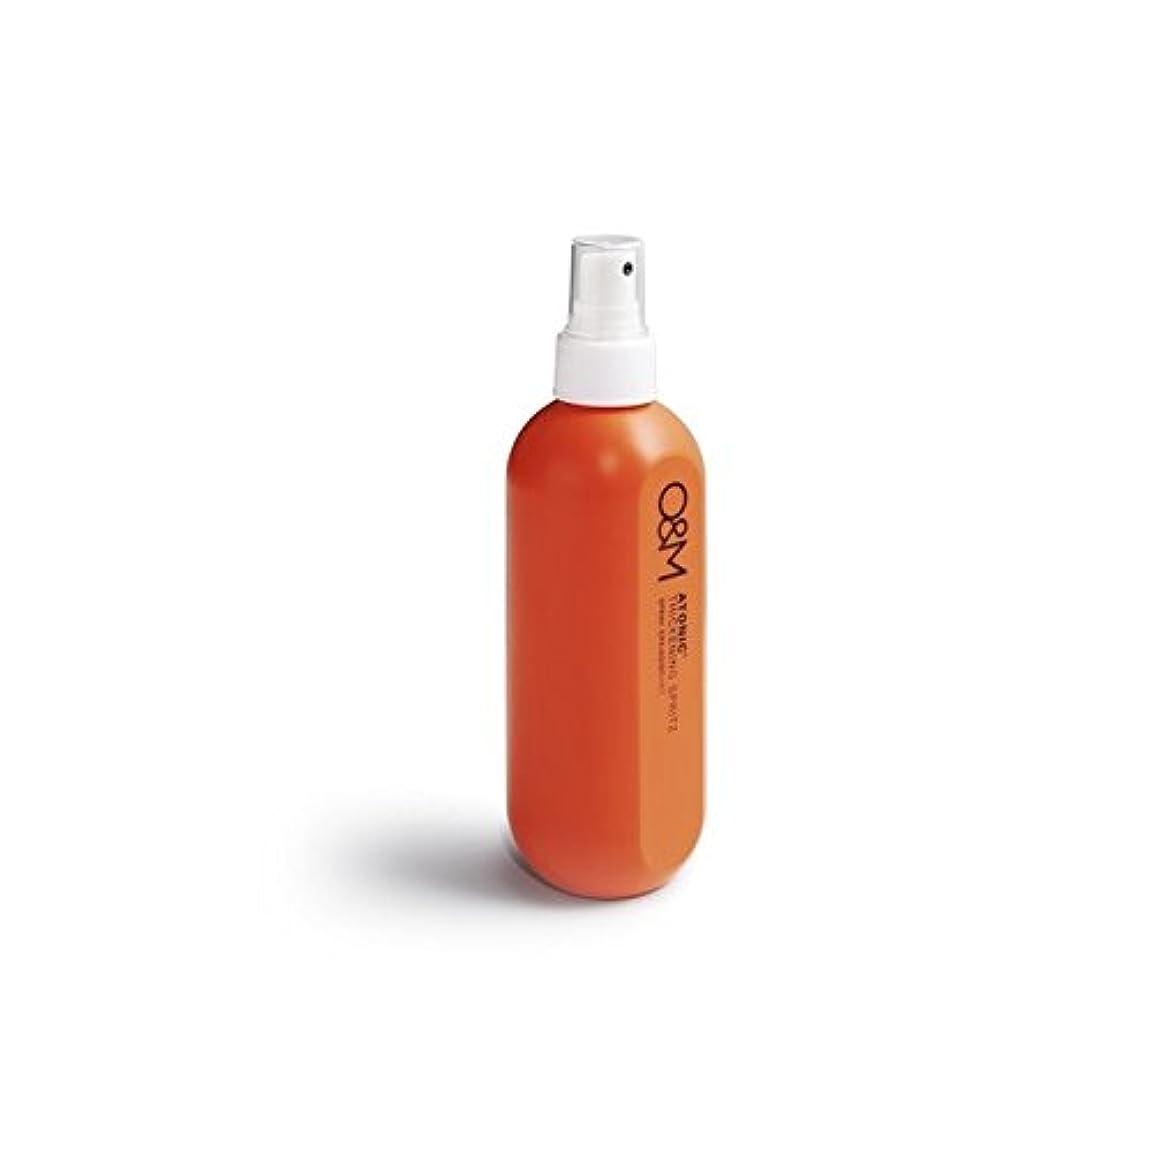 ぐるぐる八代わってOriginal & Mineral Atonic Thickening Spritz (250ml) (Pack of 6) - オリジナル&ミネラル脱力増粘スプリッツ(250ミリリットル) x6 [並行輸入品]